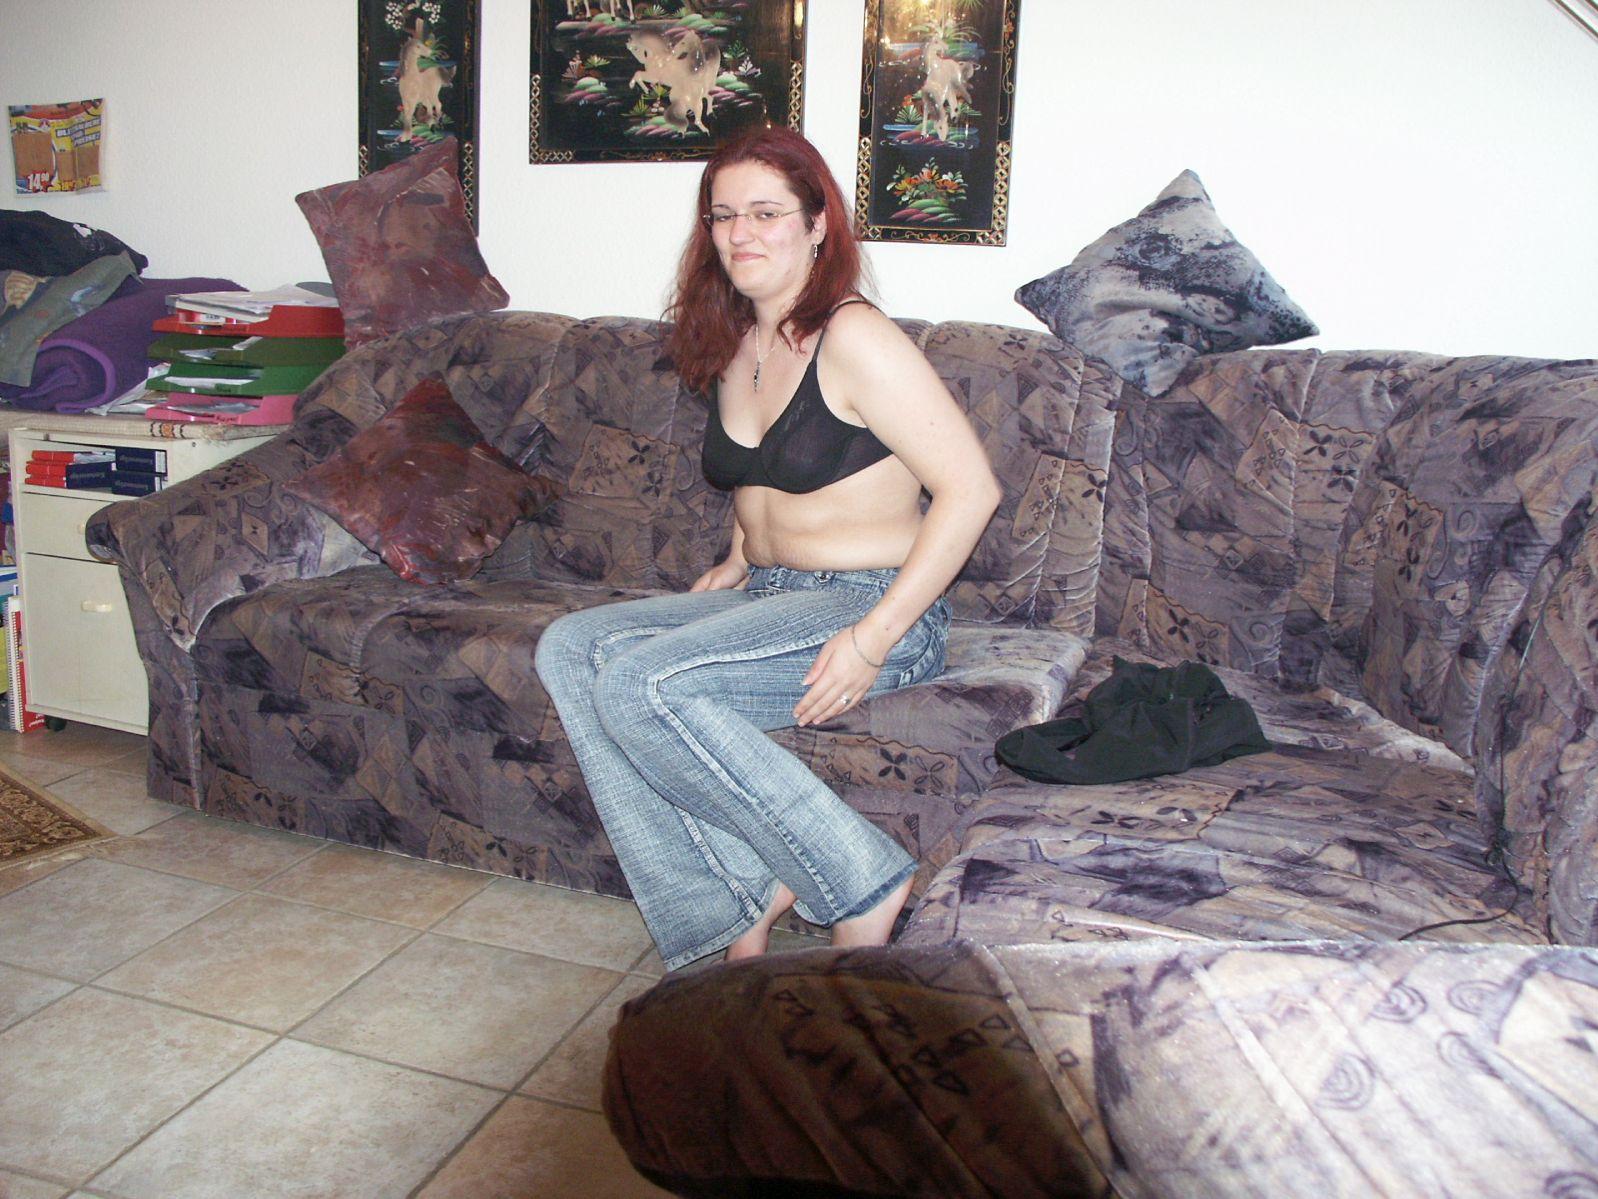 privat Poppen um sich unverbindlich zum Sex zu treffen